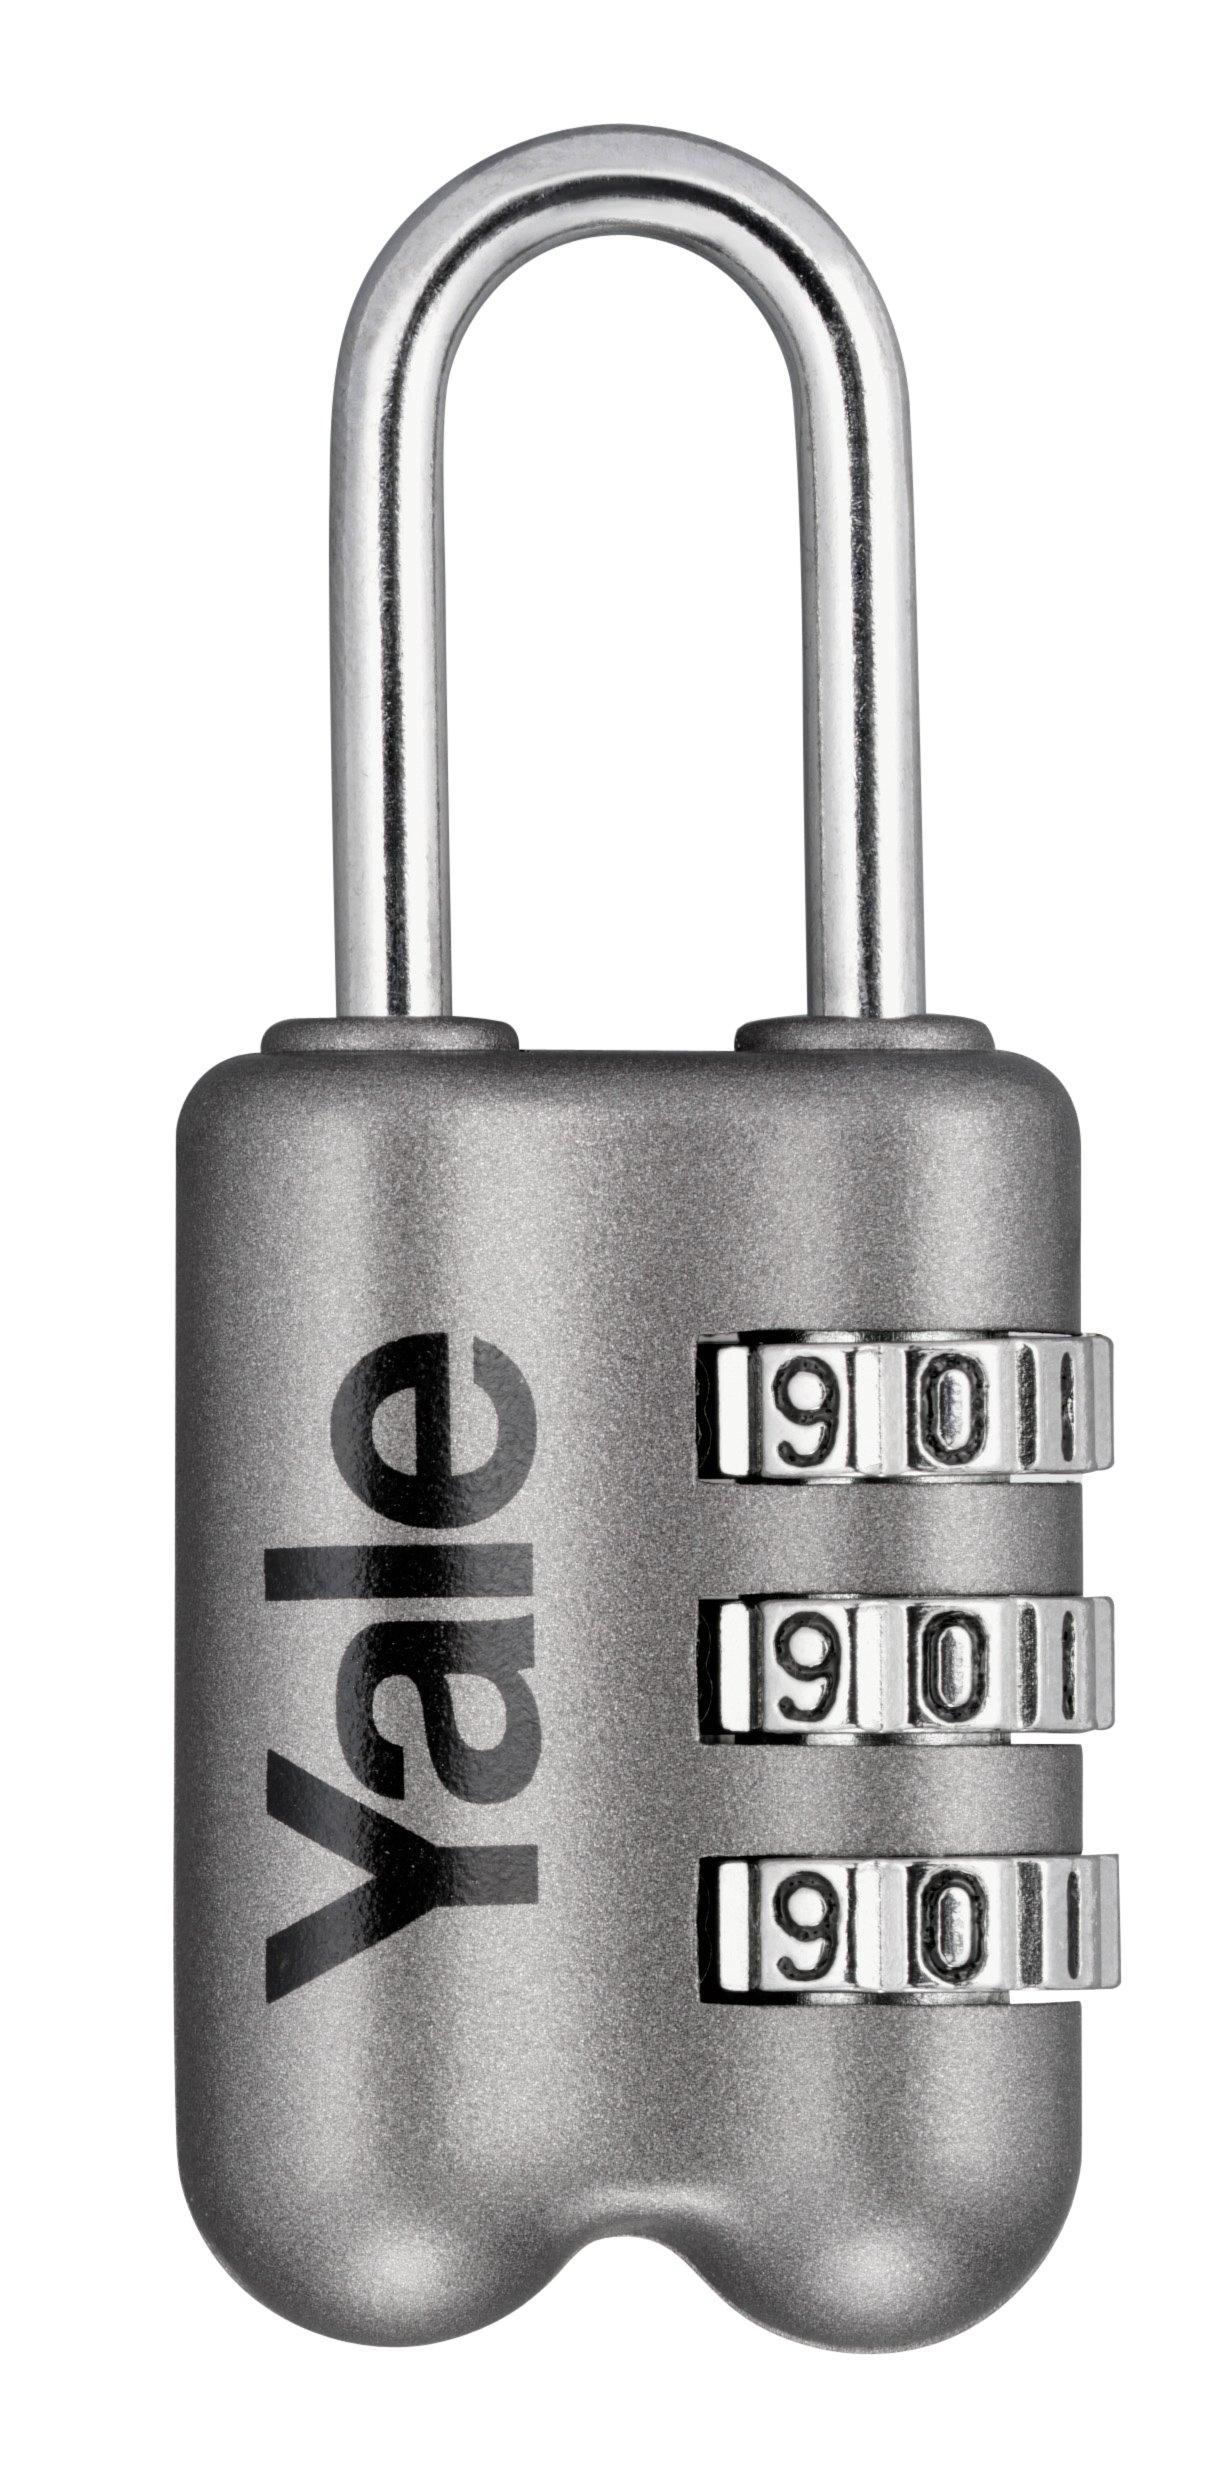 YP2/23/128/1 - Candado de combinación